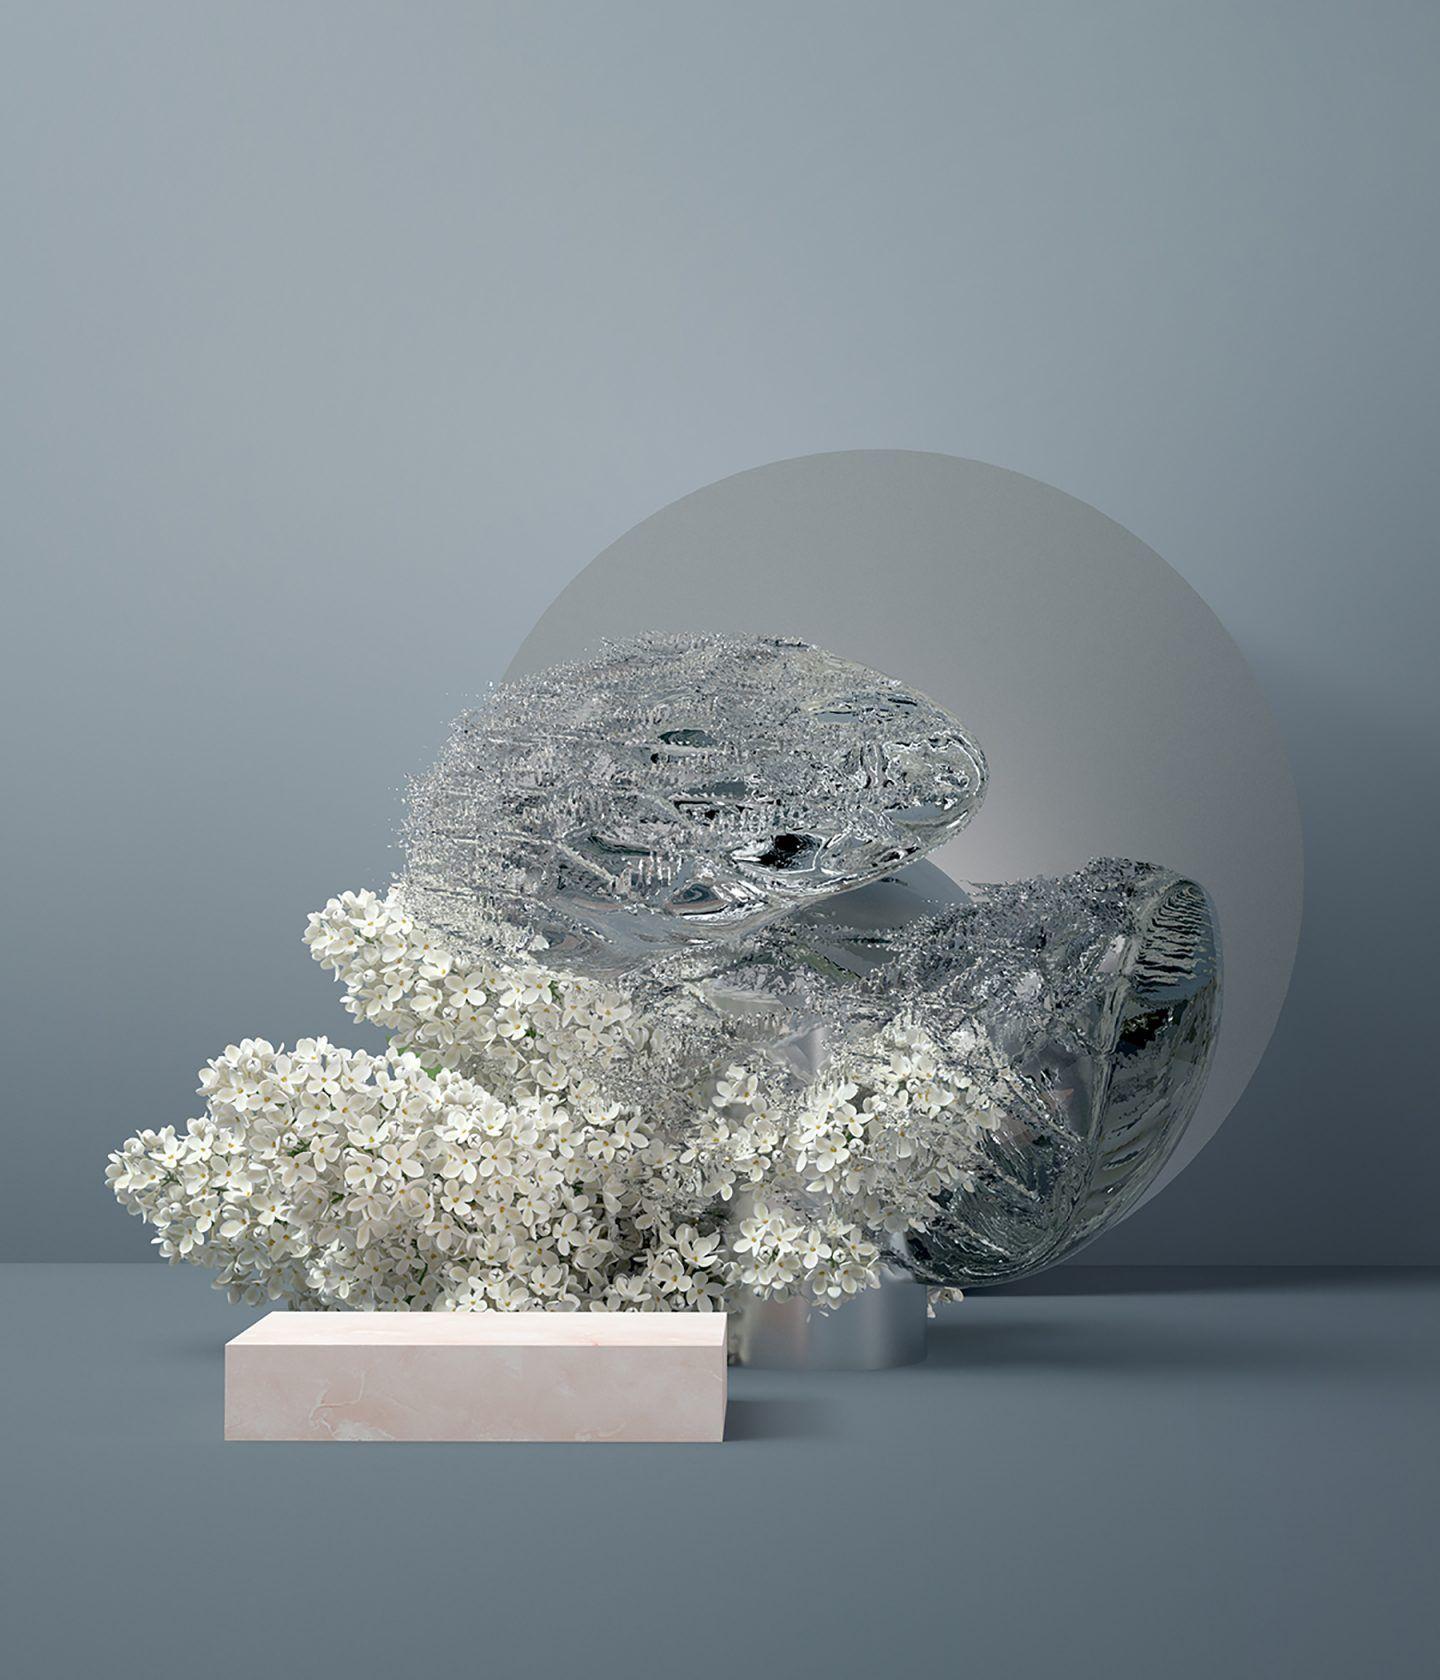 IGNANT-Art-Anders-Brasch-Willumsen-Digibana-8